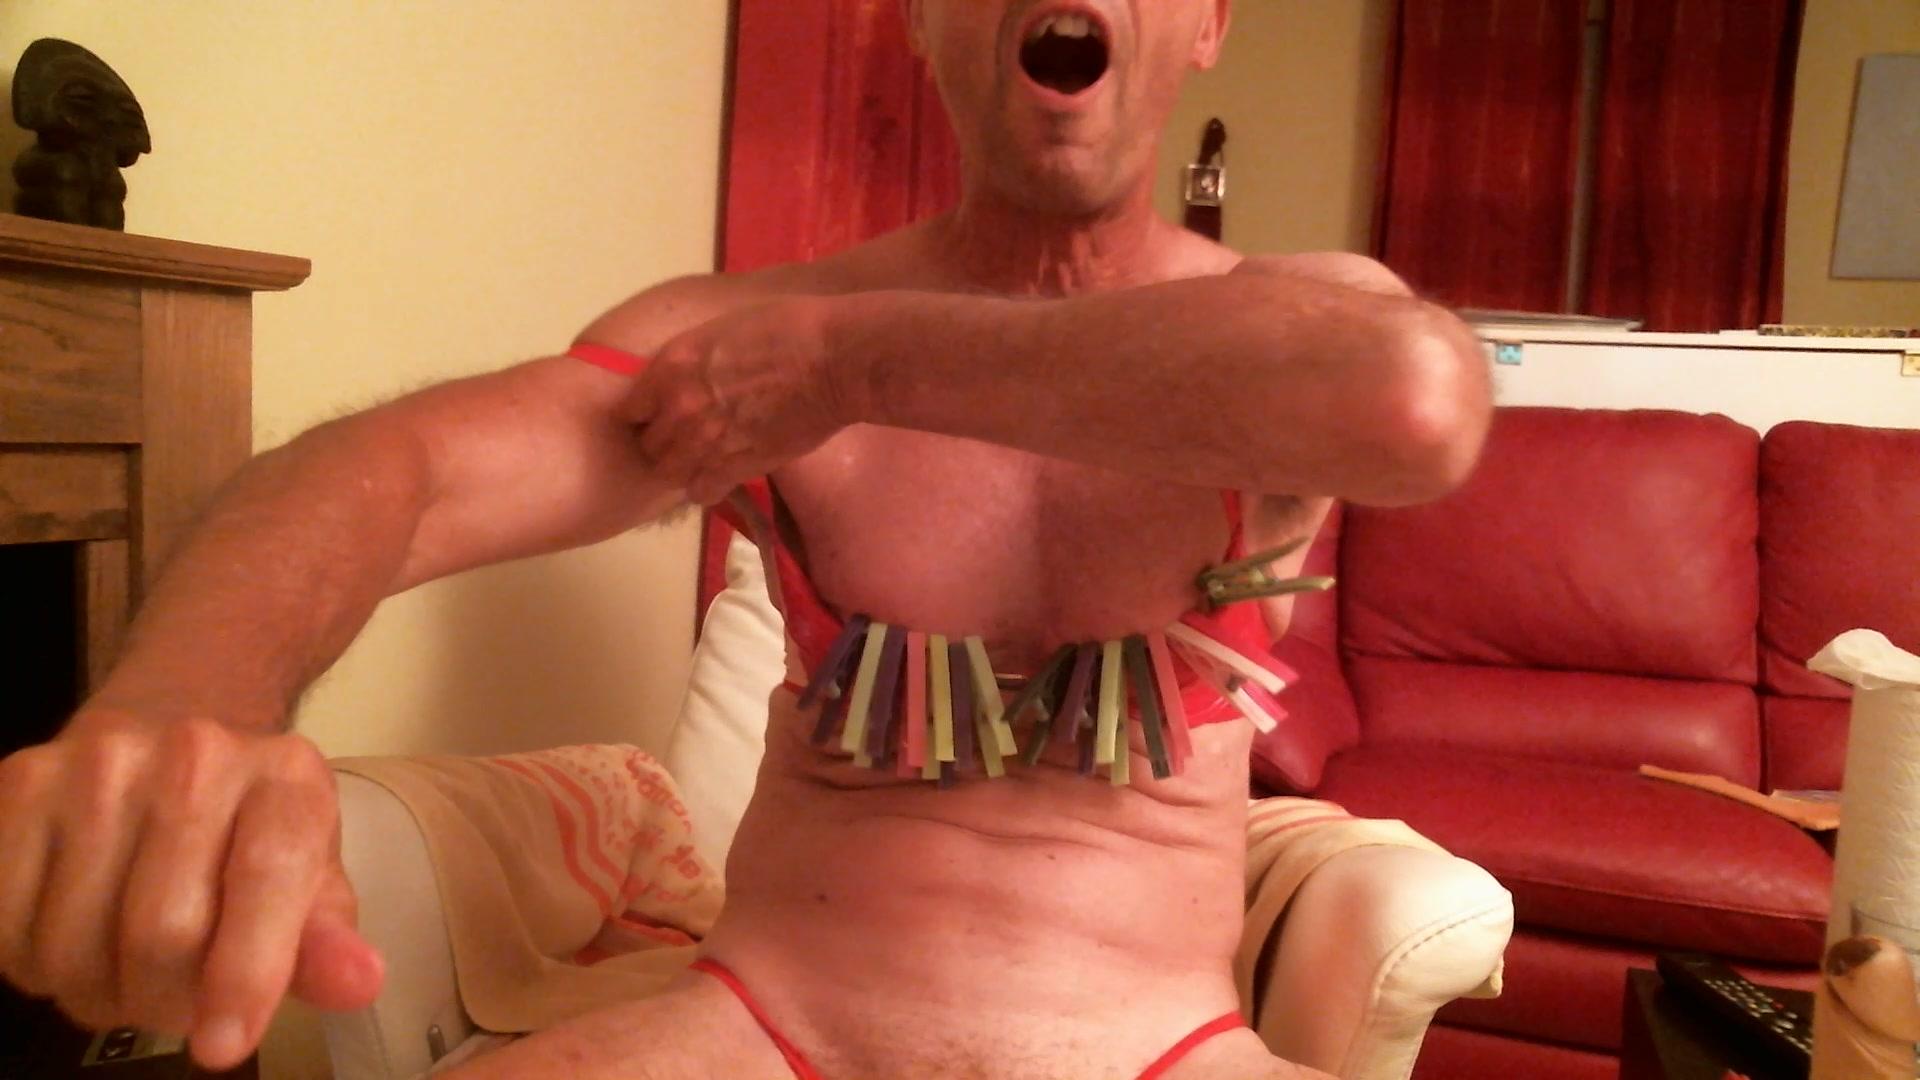 olibrius71 clamps nipples, slap face